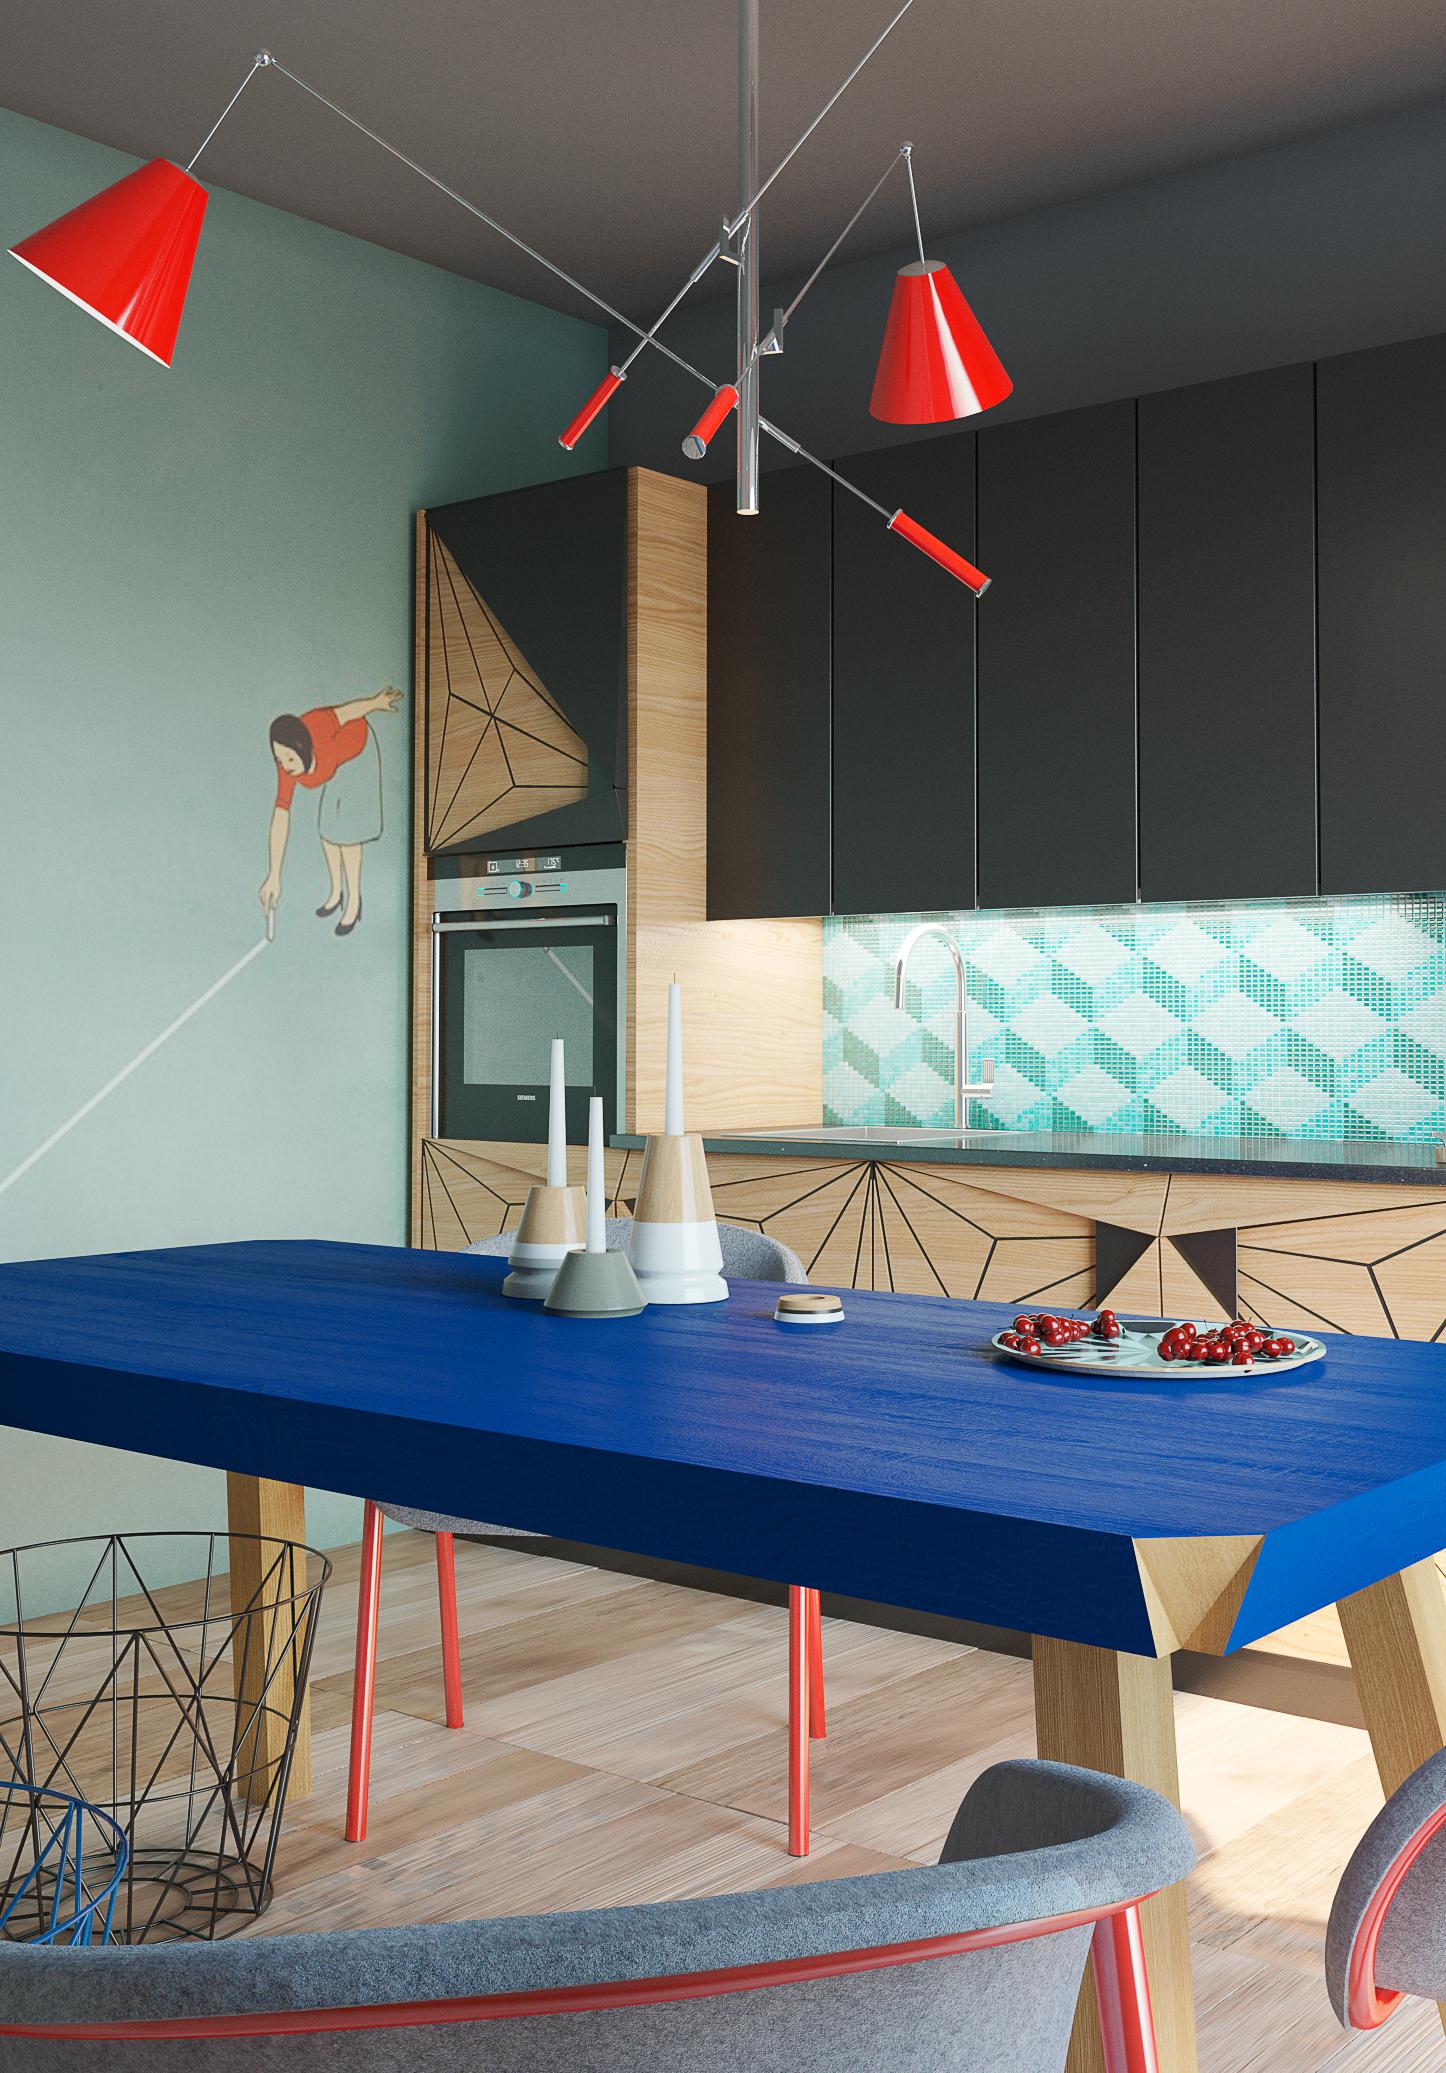 Ambiente de cozinha colorida e super criativa nas opções de design e composição